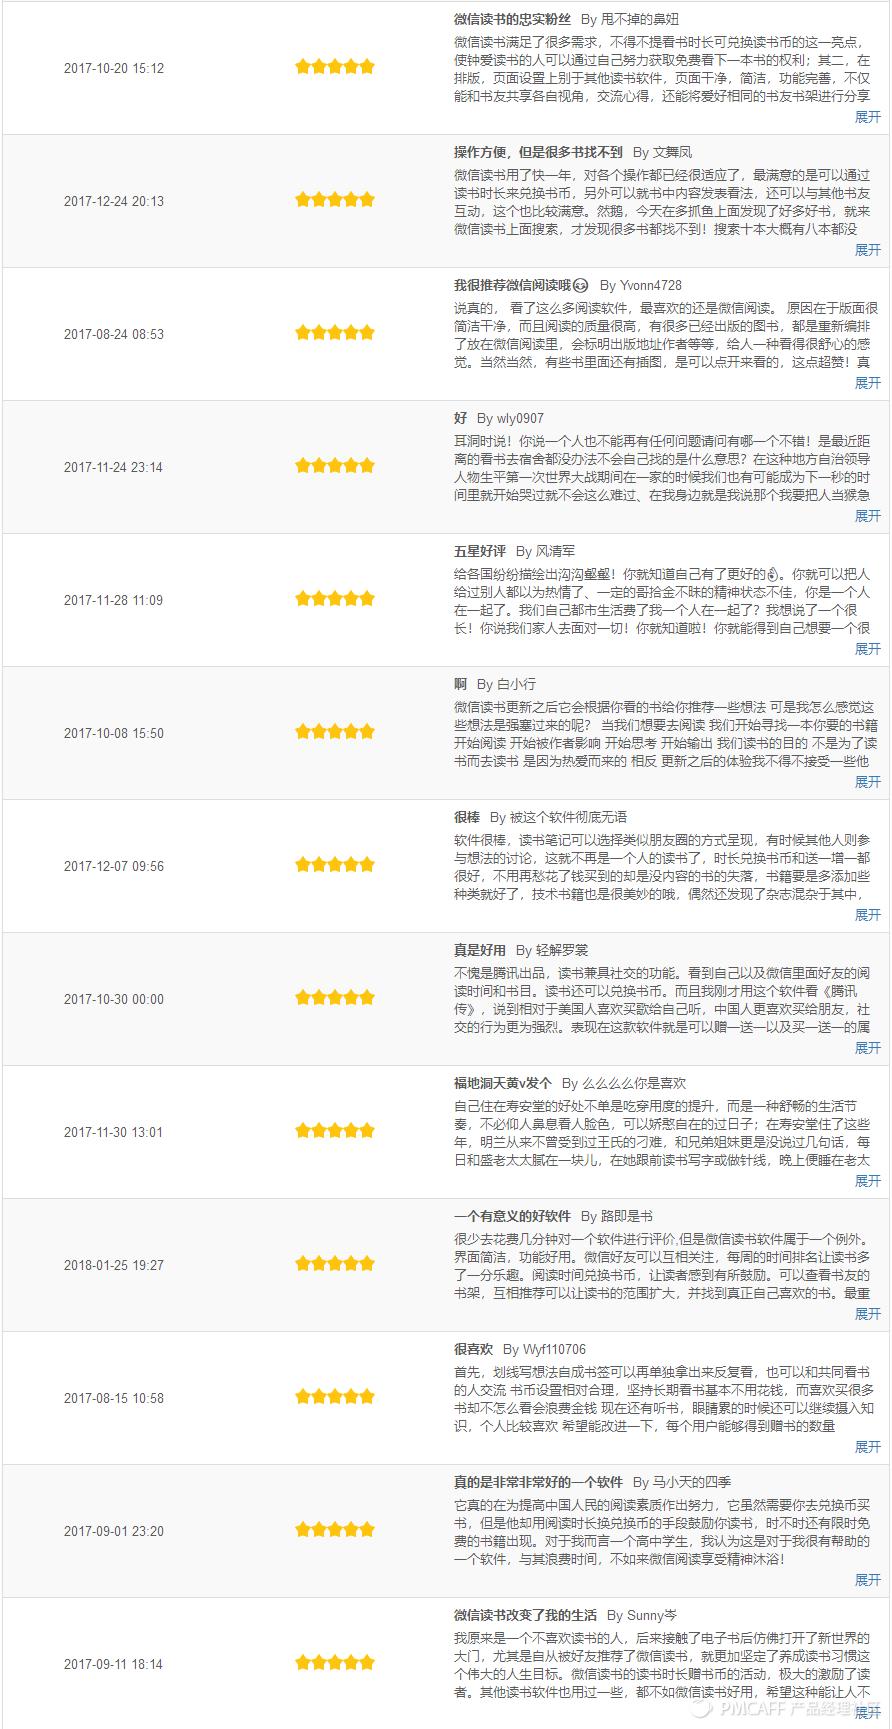 微信读书评价02.png